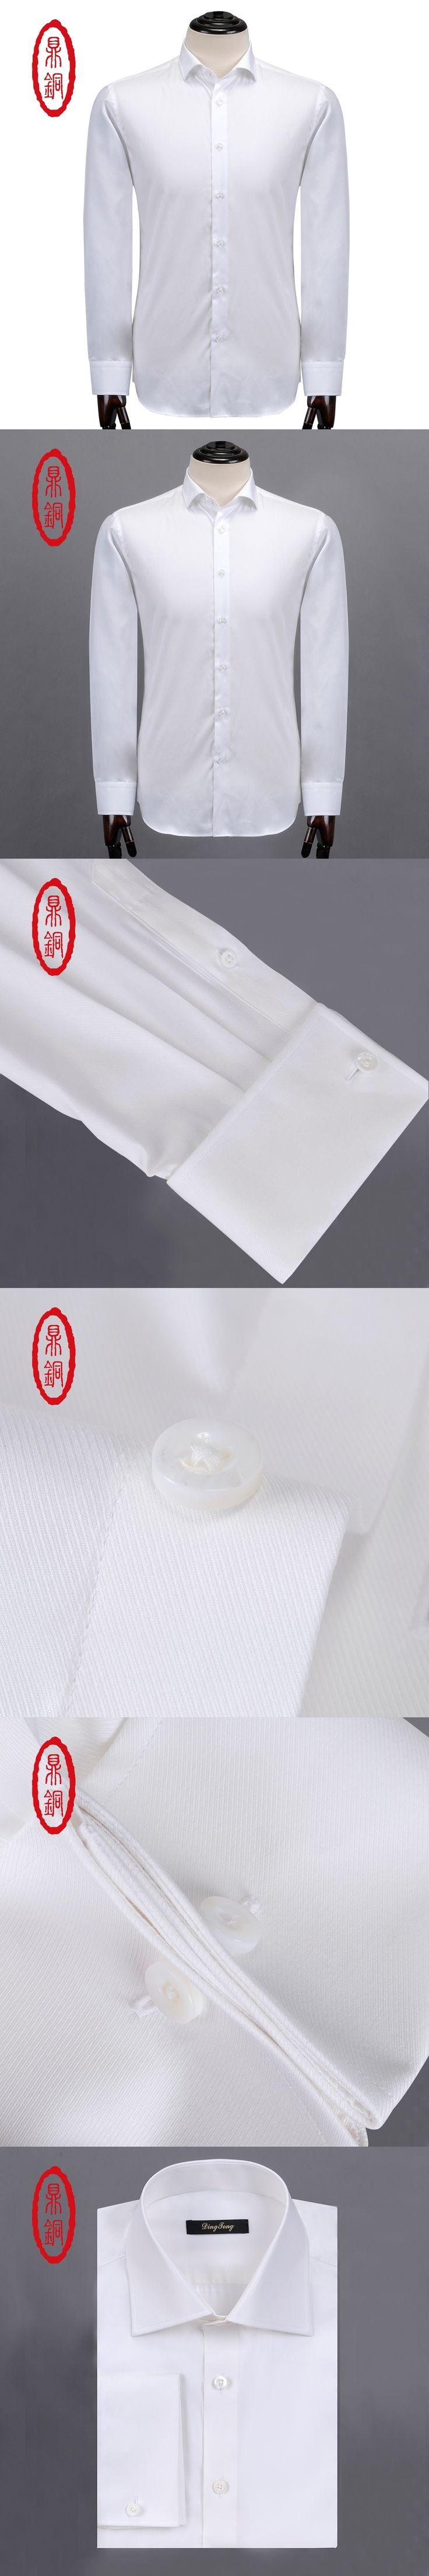 DINGTONG Men's White Casual Cutaway Collar Silk Cotton Custom Dress Shirts 2 Photos Customize Your Shirt ( F0145-1 )